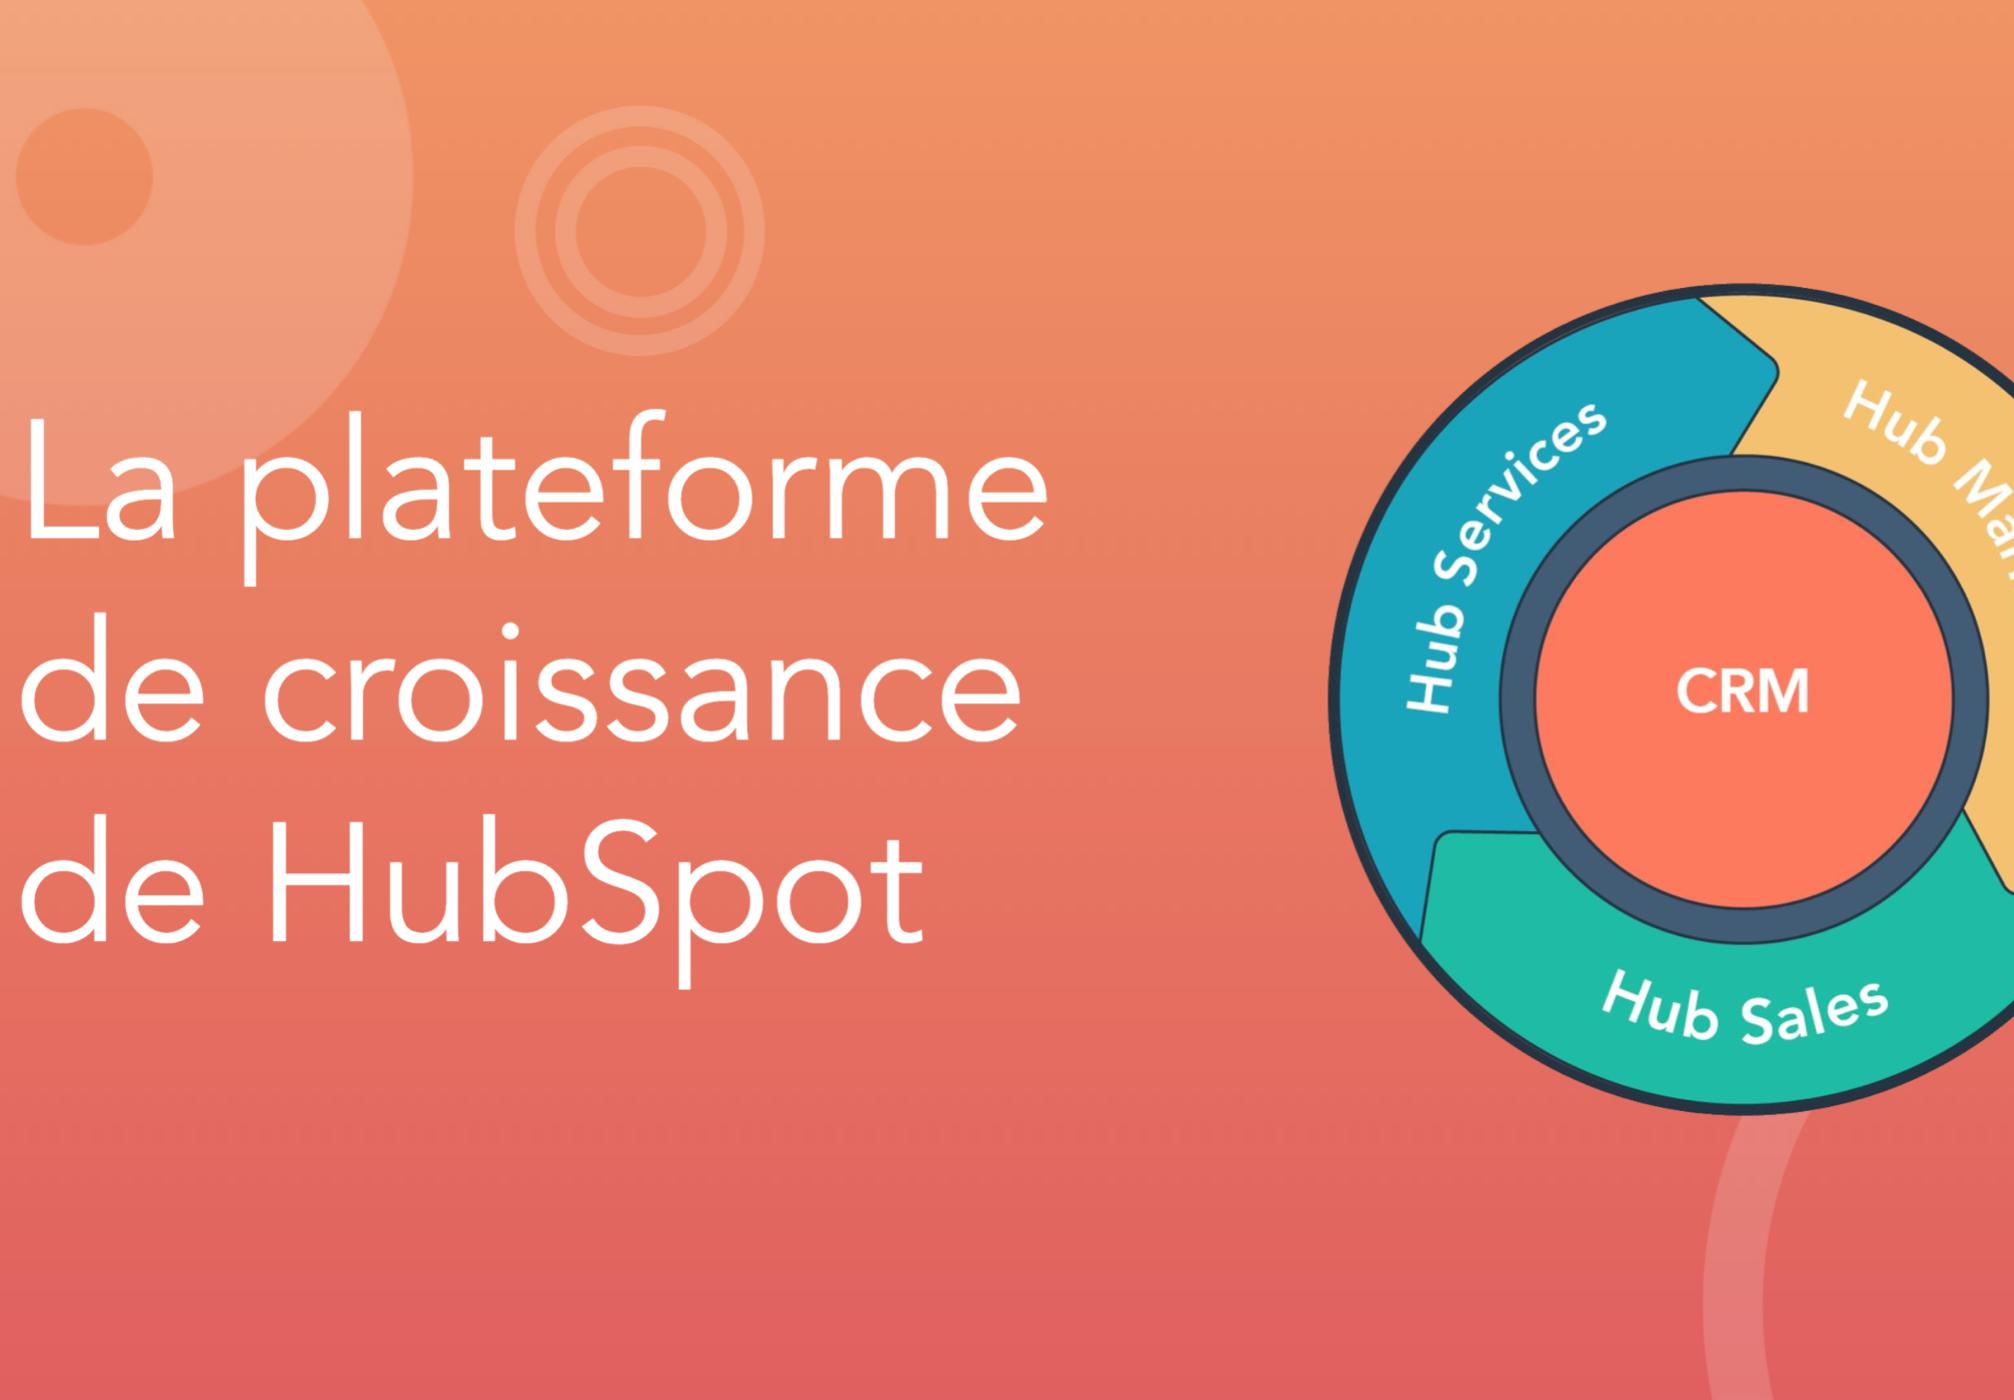 HubSpot-plateforme-1000X700